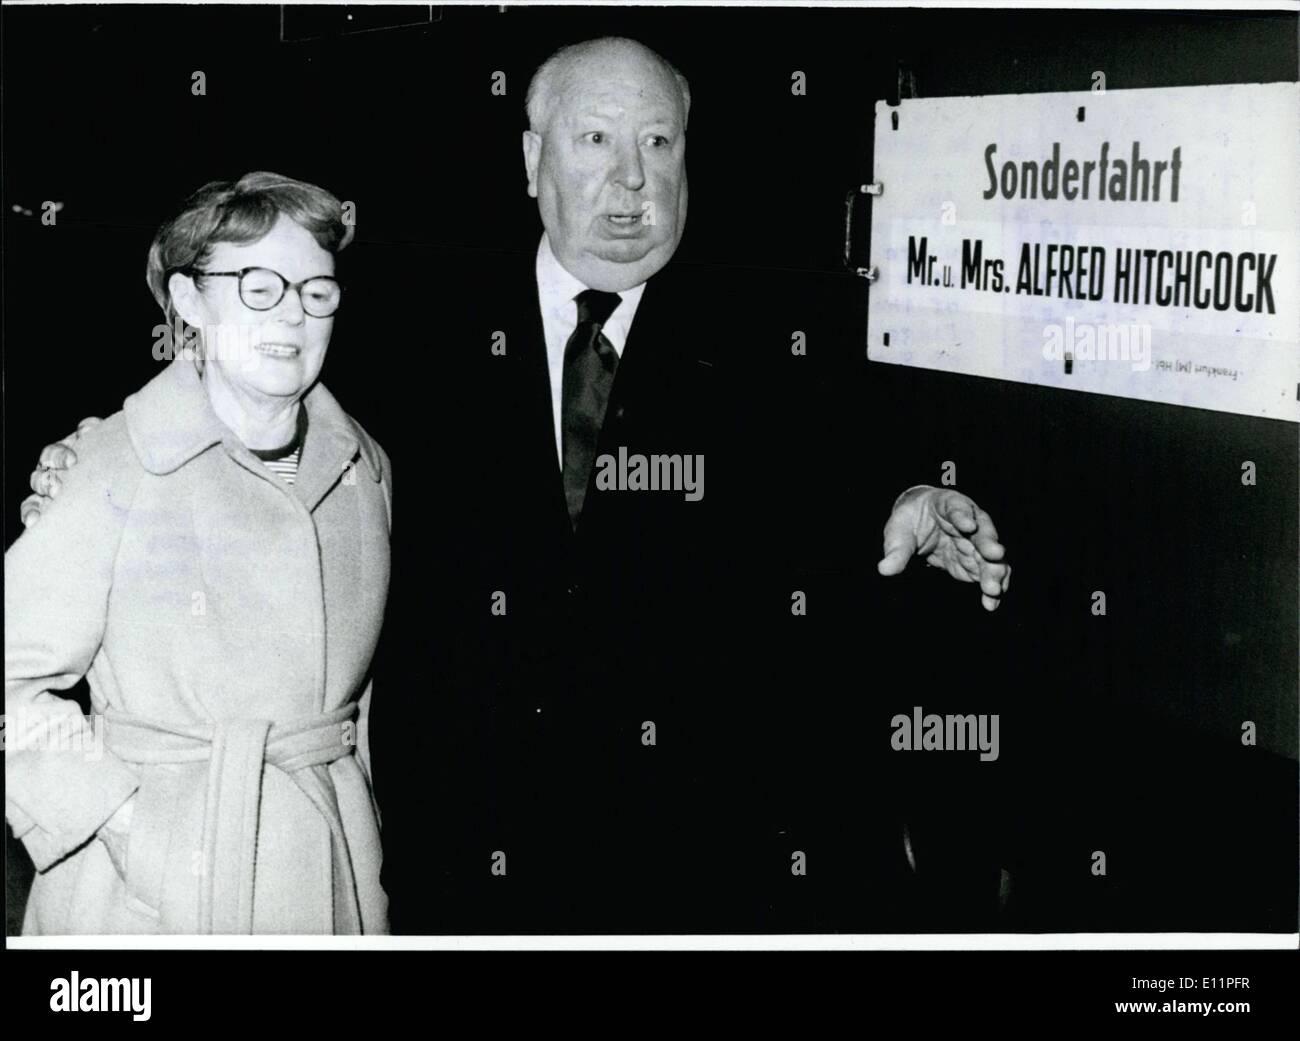 08 août, 1979 - Alfred Hitchcock est ramené à 80 ans pour rendre la chair de cinéphiles rampage. qui n'a, depuis de nombreuses années, et il l'aime pour faire d'autres - Alfred Hitchcock (Alfred Hitchcock), sur notre photo avec sa femme ), le maître de thriller psychologique, qui le devient dans un court laps de temps de 80 ans. Né à 13 août 1899 à Londres/Angleterre - enseigné dans un collège jésuite - et plus tard élève de science de l'art et techniques - Alfred Hitchcock est venu au film en tant que scénariste et dessinateur d'entre-titres. Il a fait la promotion d'un architecte, cutter, co-scénariste et assistant du directeur Photo Stock